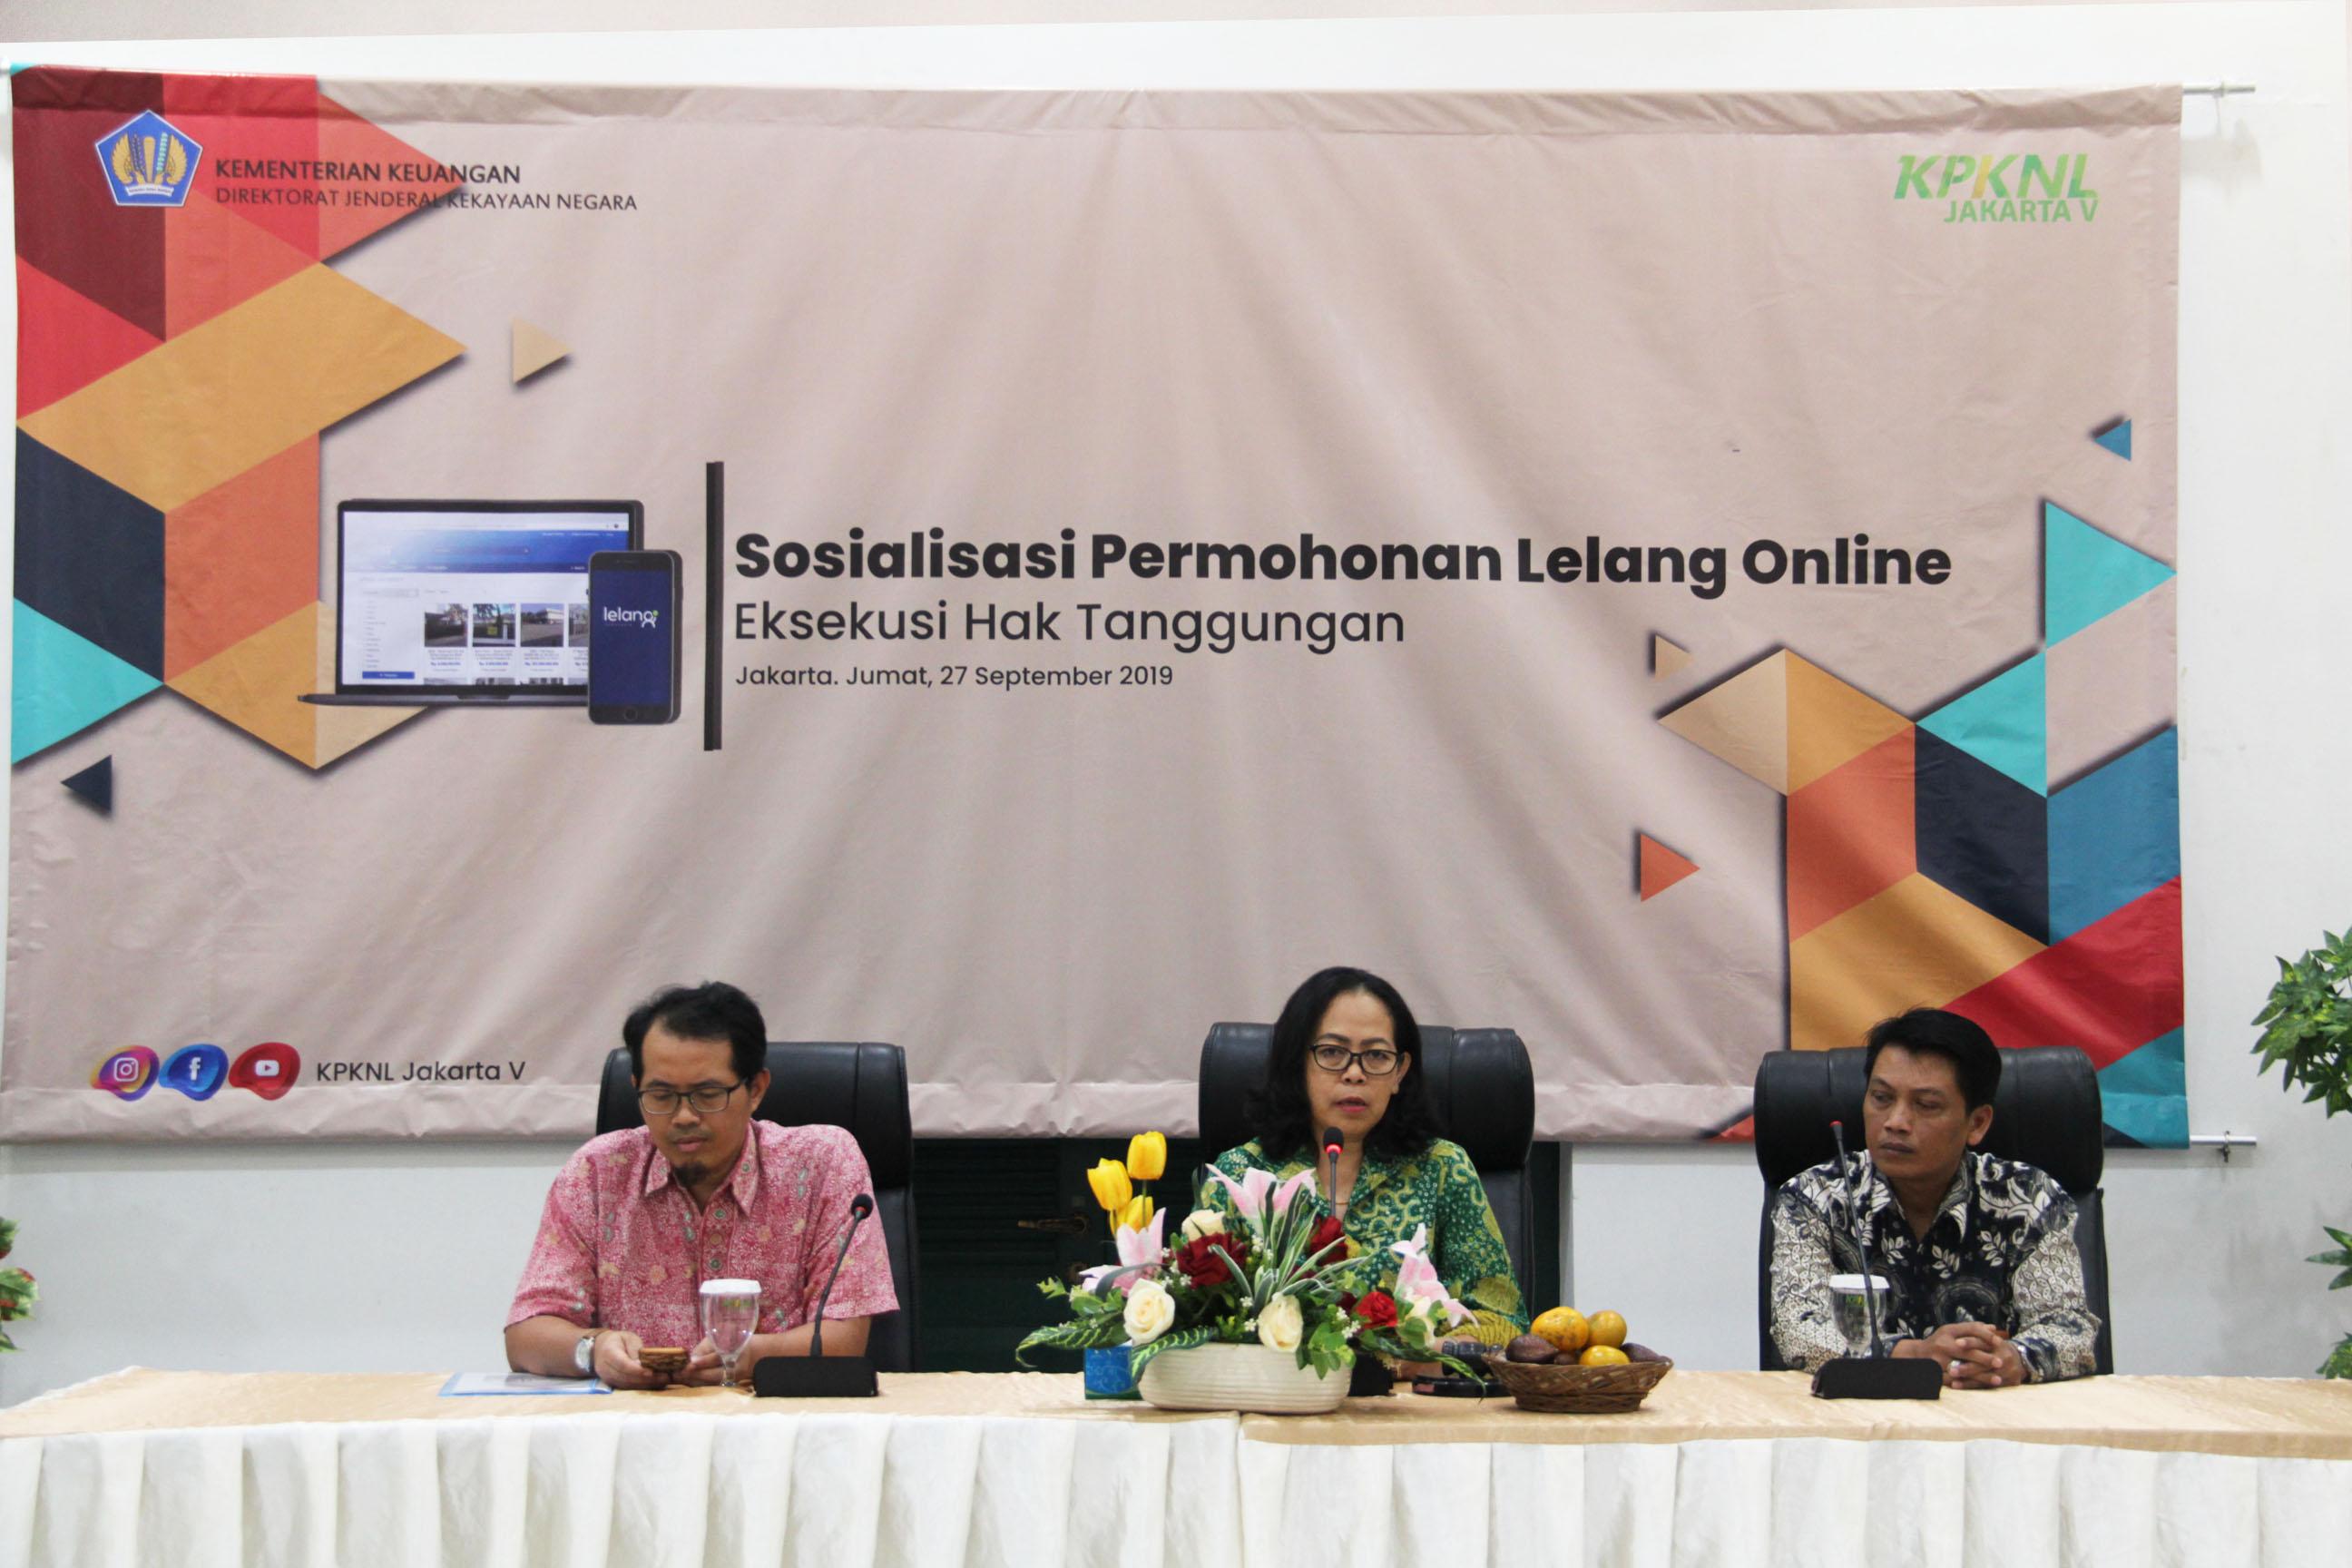 Optimalkan Pelayanan Lelang, KPKNL Jakarta V Lakukan Sosialisasi Permohonan Online